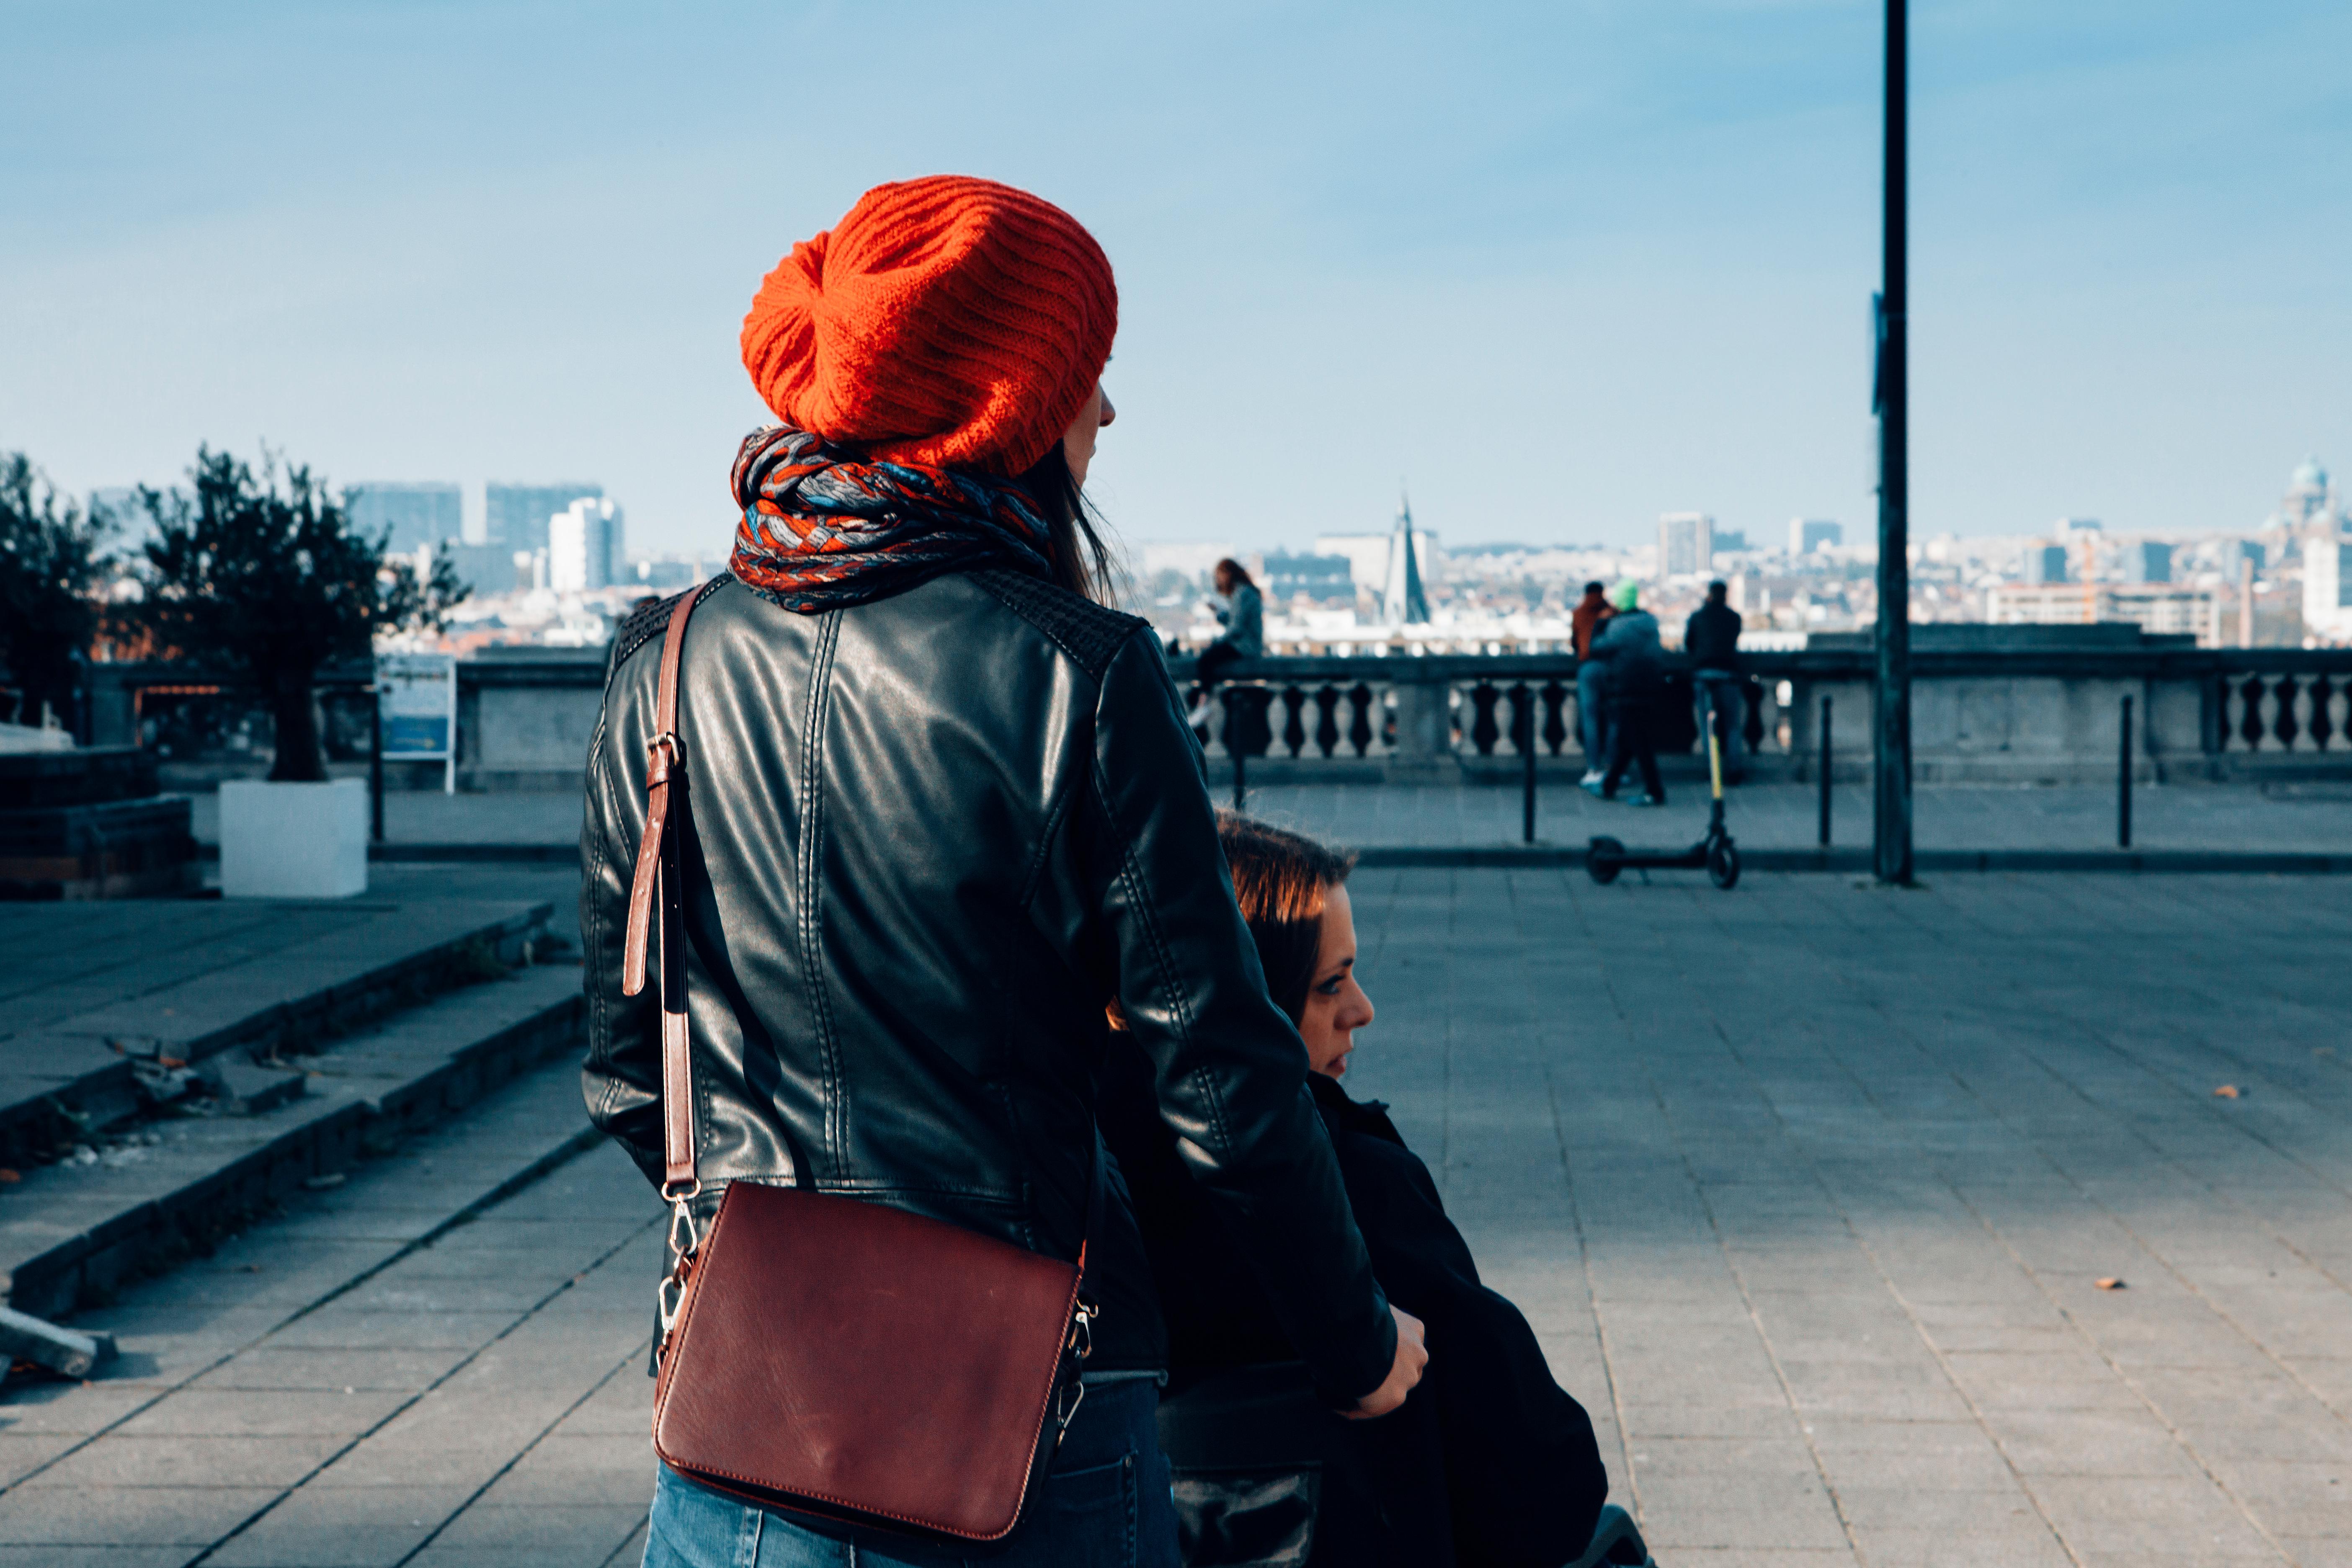 Relationer kan vara en utmaning, även när man lever i närheten av en sällsynt diagnos.